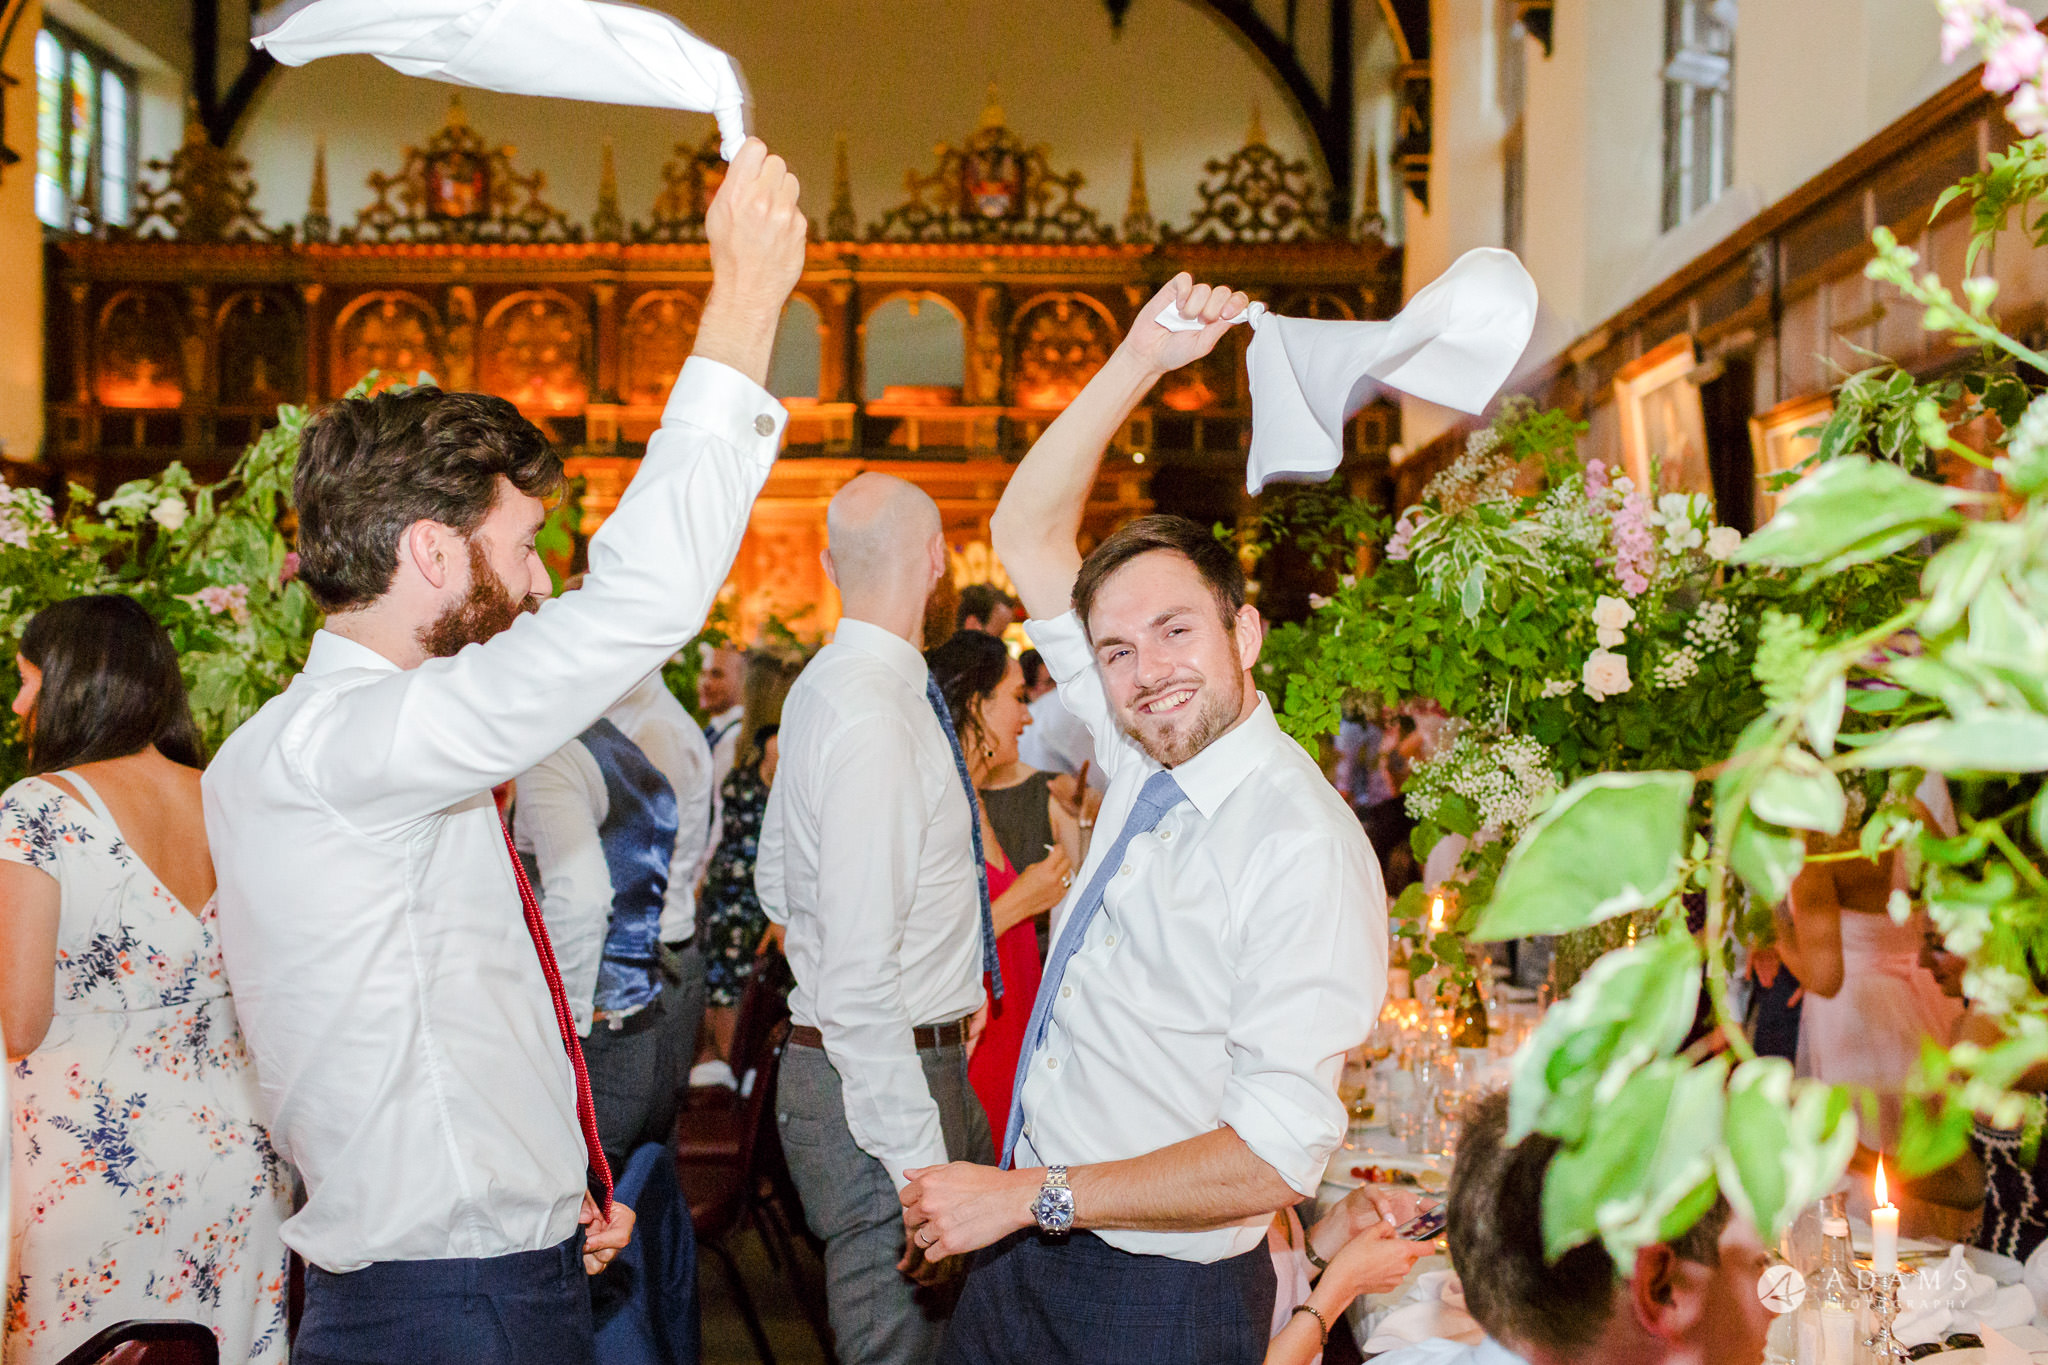 Trinity College Cambridge wedding guests waving